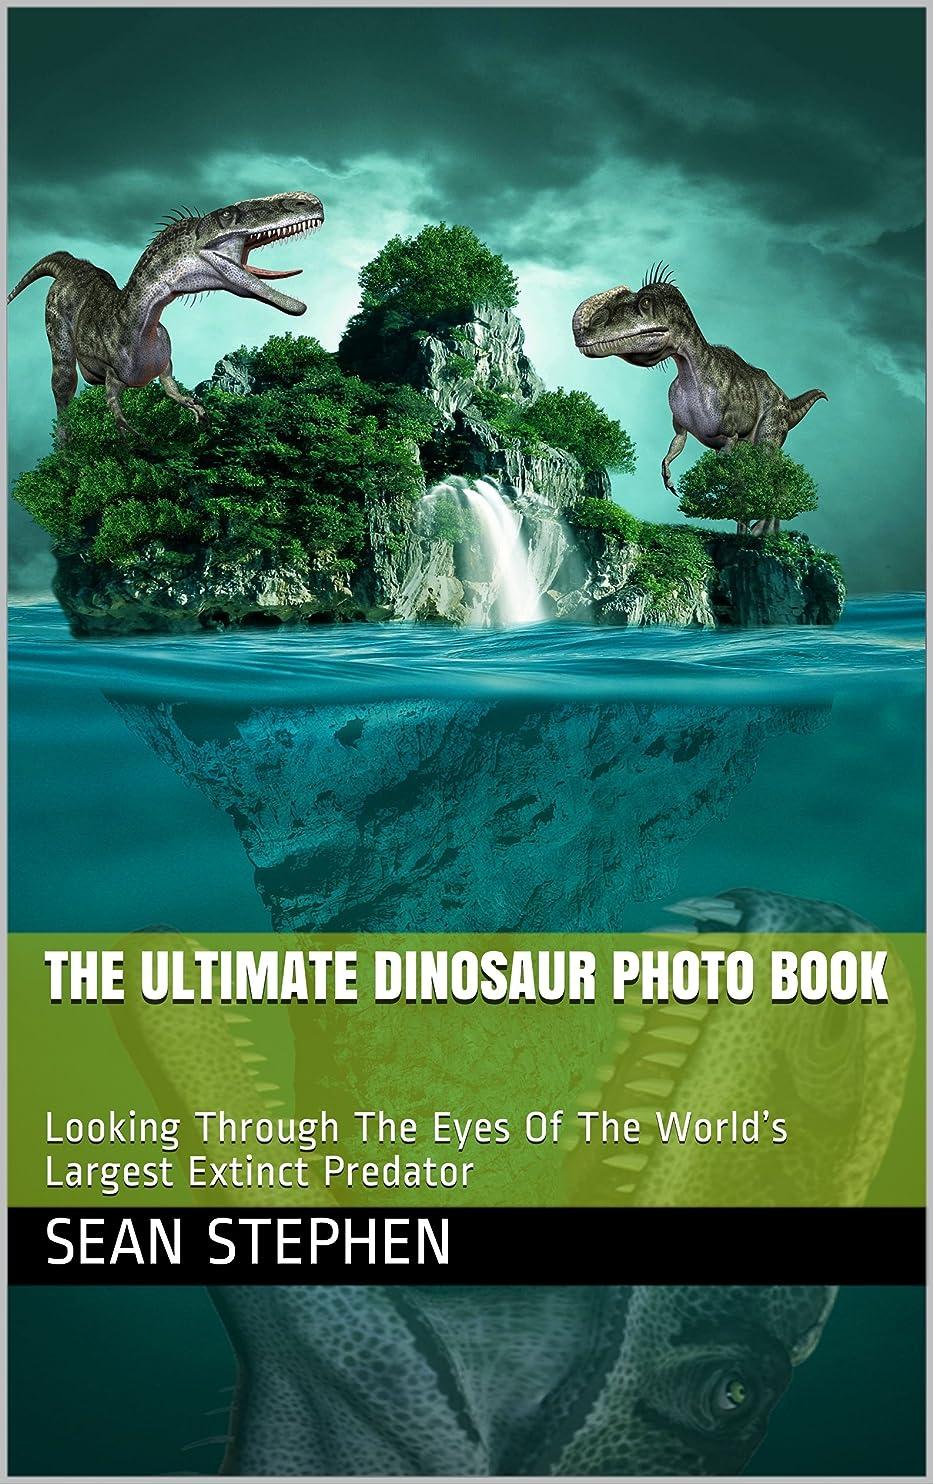 豪華な運搬リクルートThe Ultimate Dinosaur Photo Book: Looking Through The Eyes Of The World's Largest Extinct Predator (English Edition)